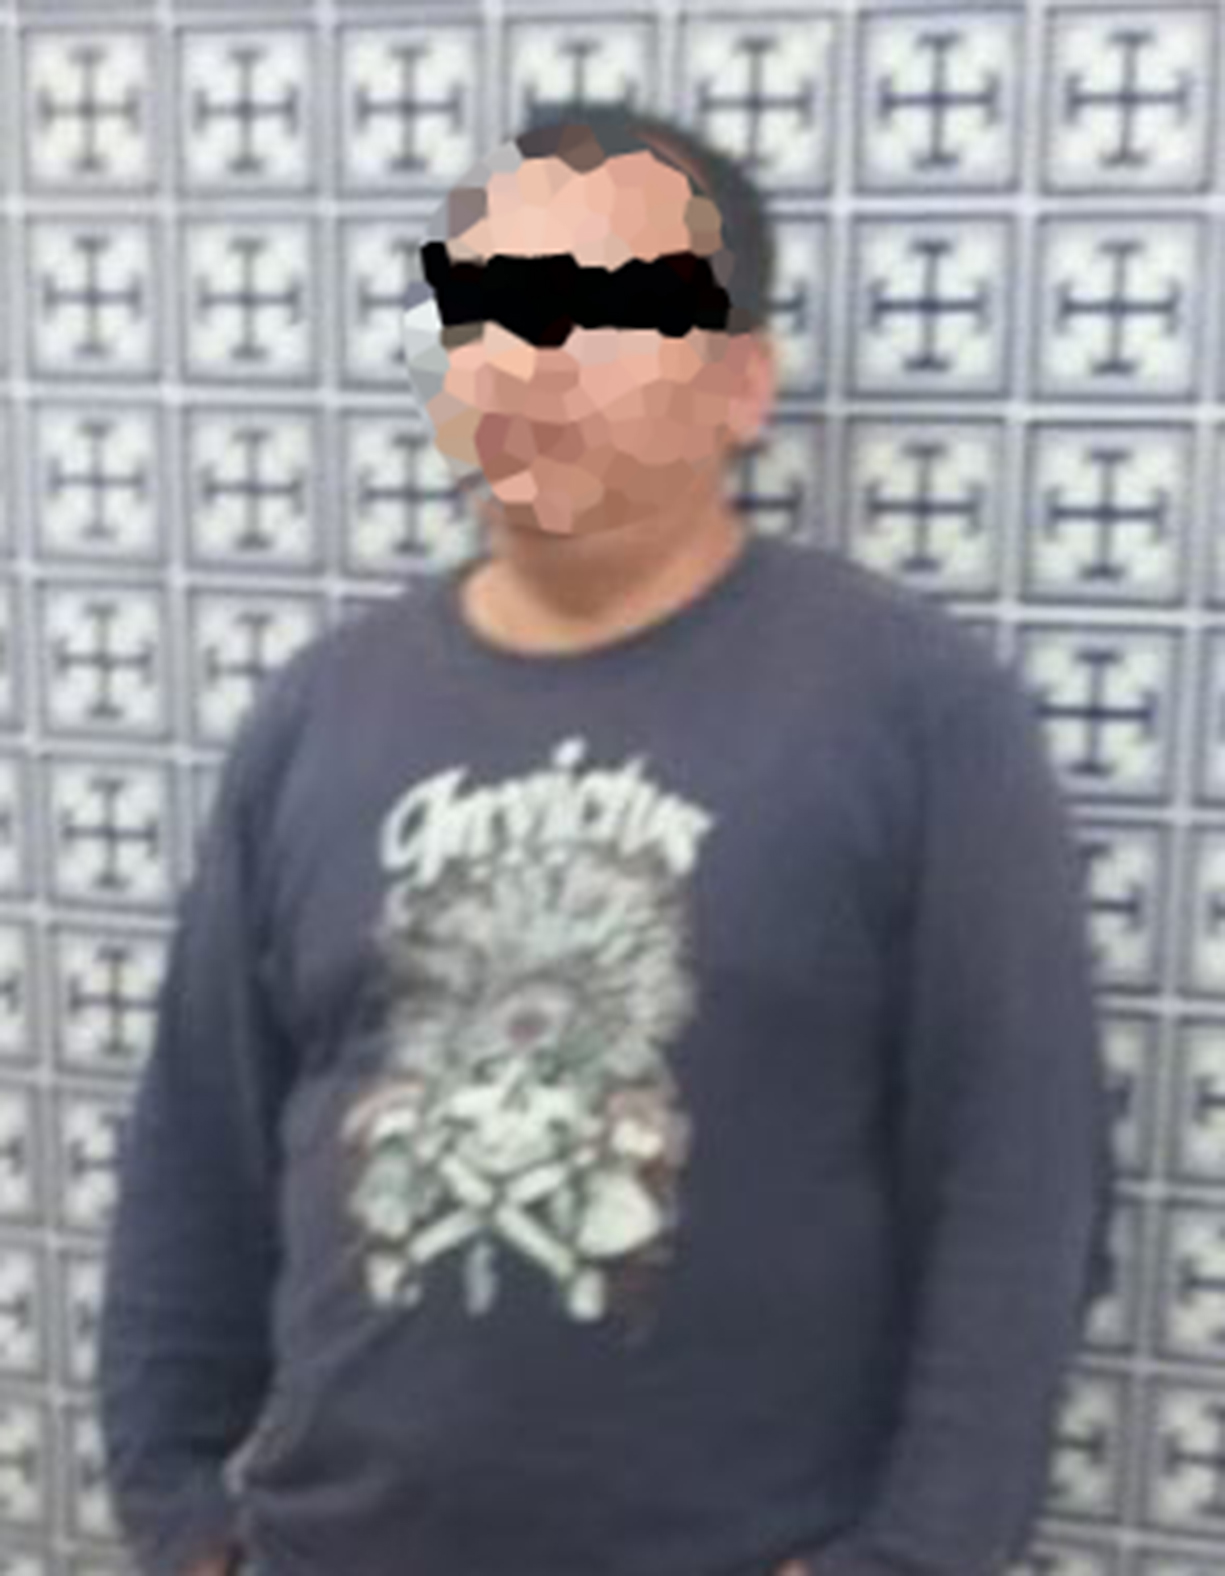 La SSC detiene en Xaltocan a una persona con una réplica de arma de fuego